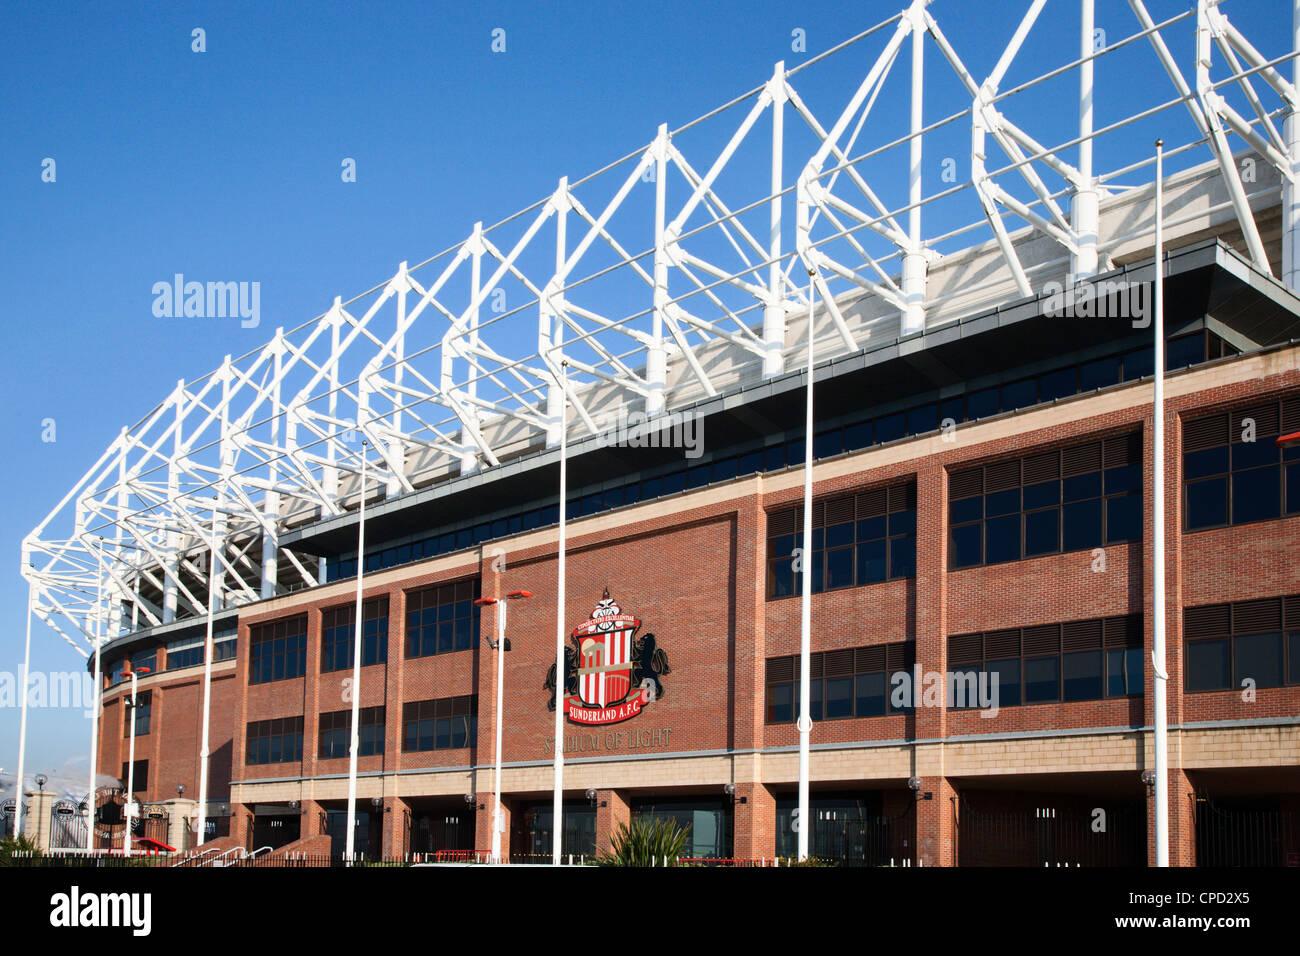 Stadio della luce, Sunderland, Tyne and Wear, England, Regno Unito, Europa Immagini Stock